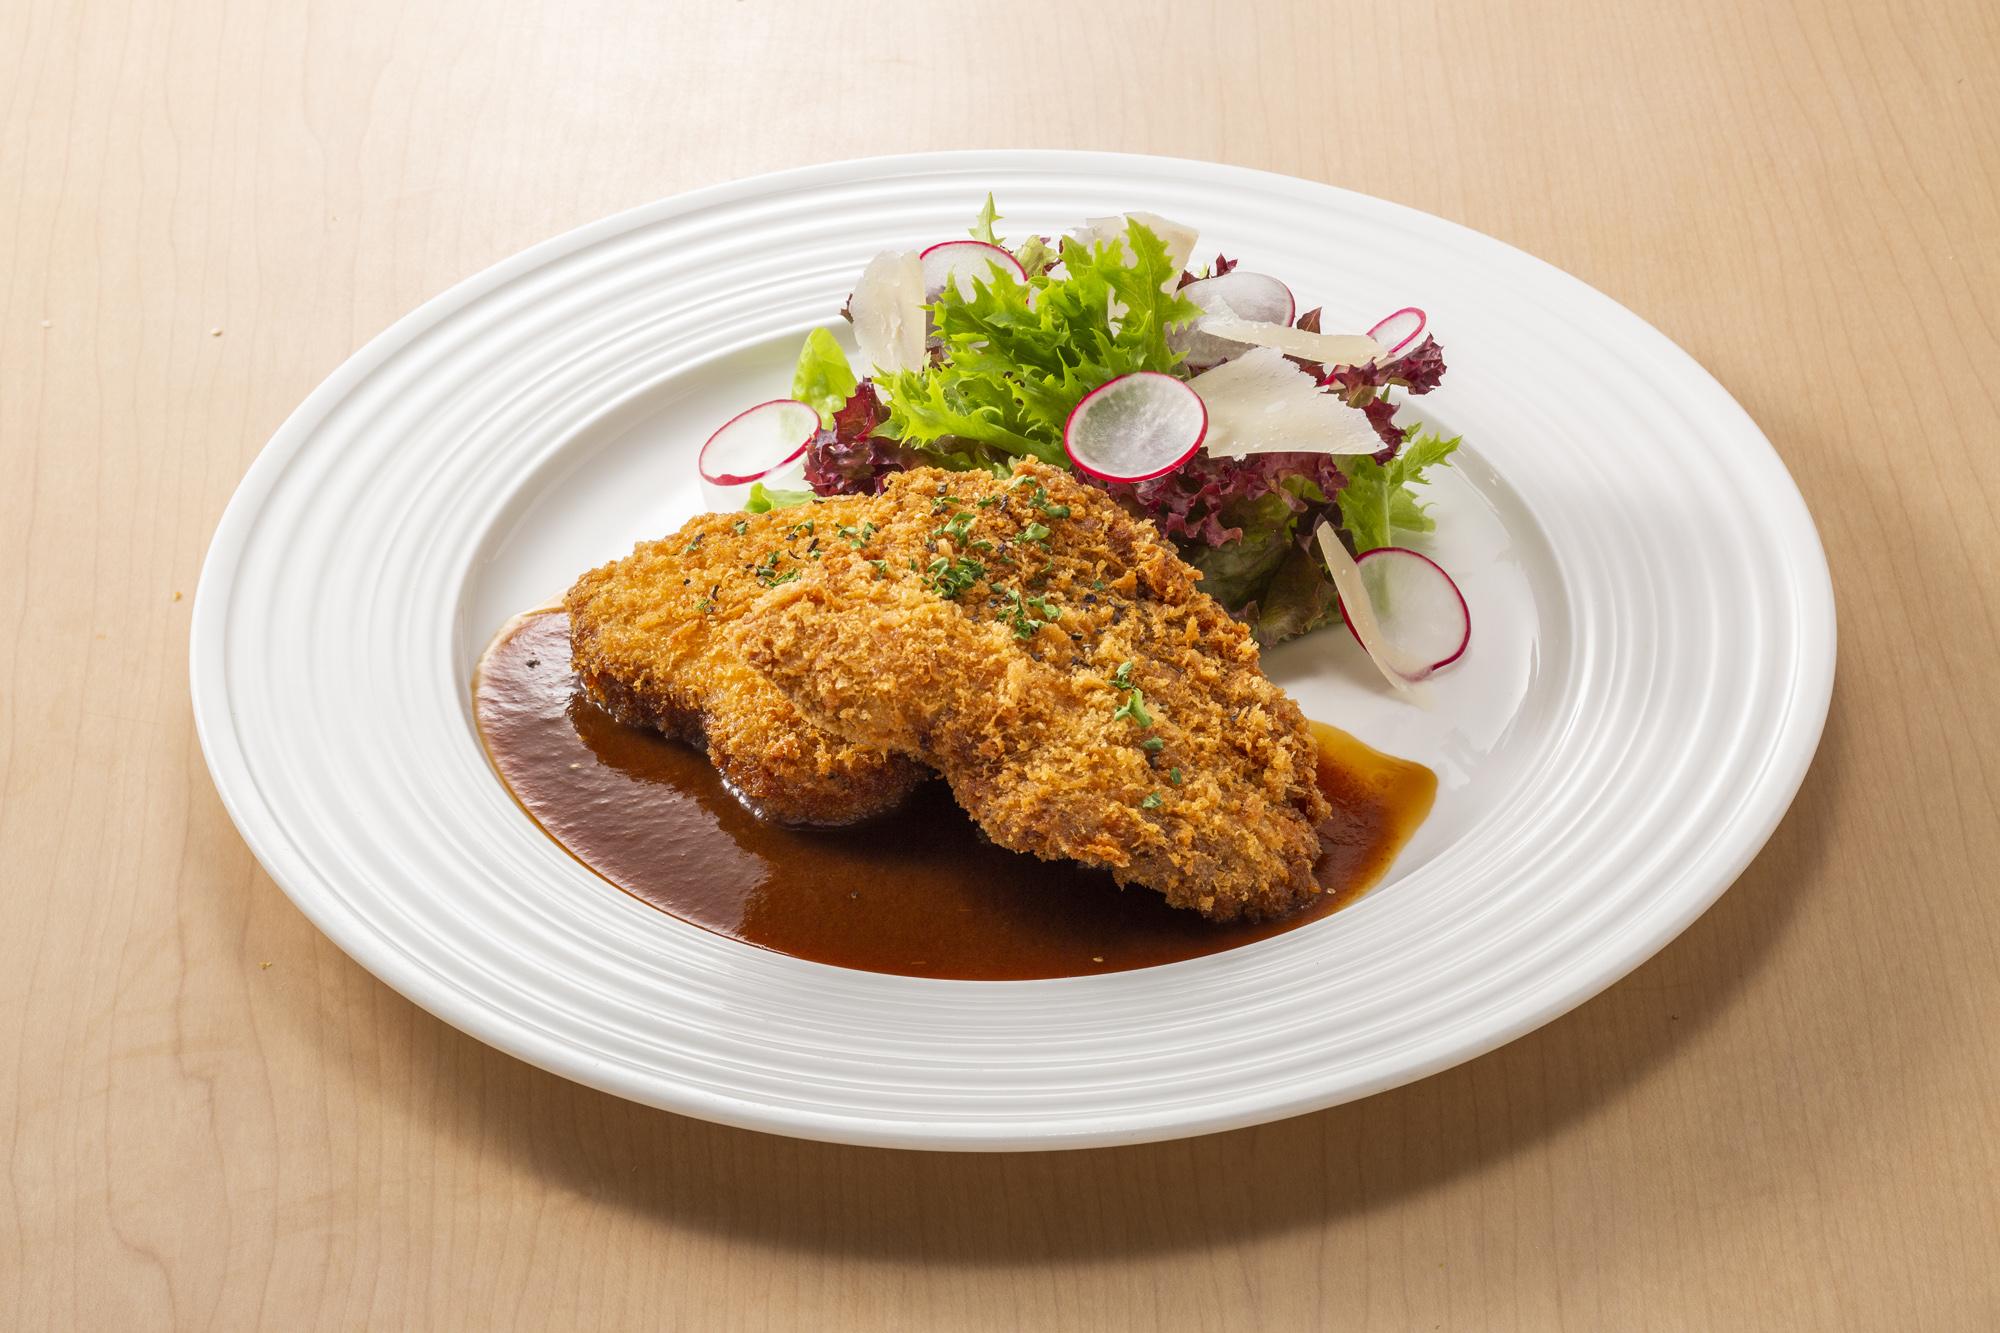 マグロの頬肉と赤身のカツレツ<br />ライス・ミニサラダ・スープ・ドリンク付